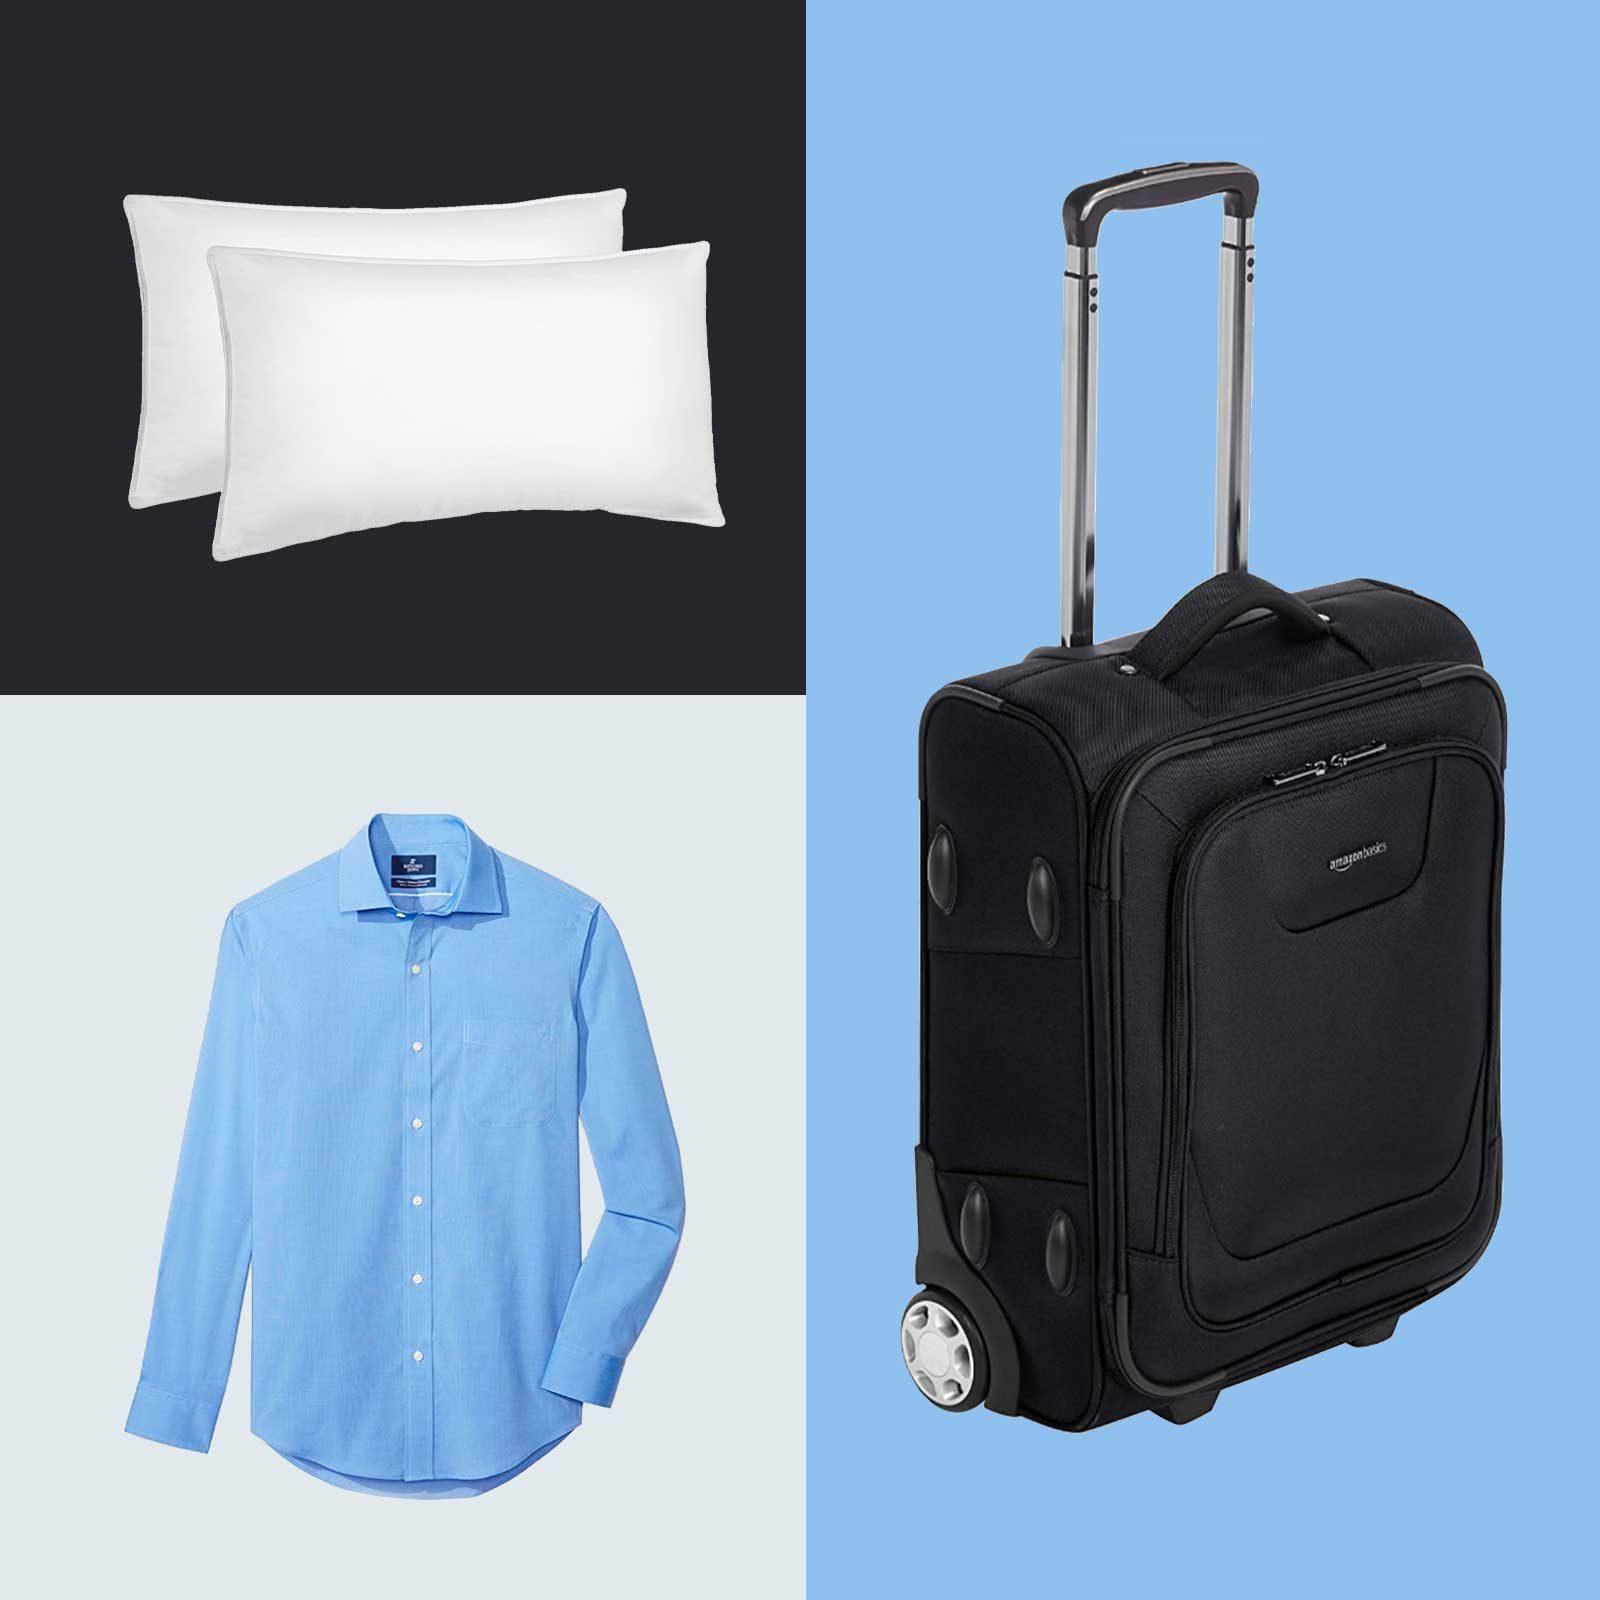 Amazon branded items